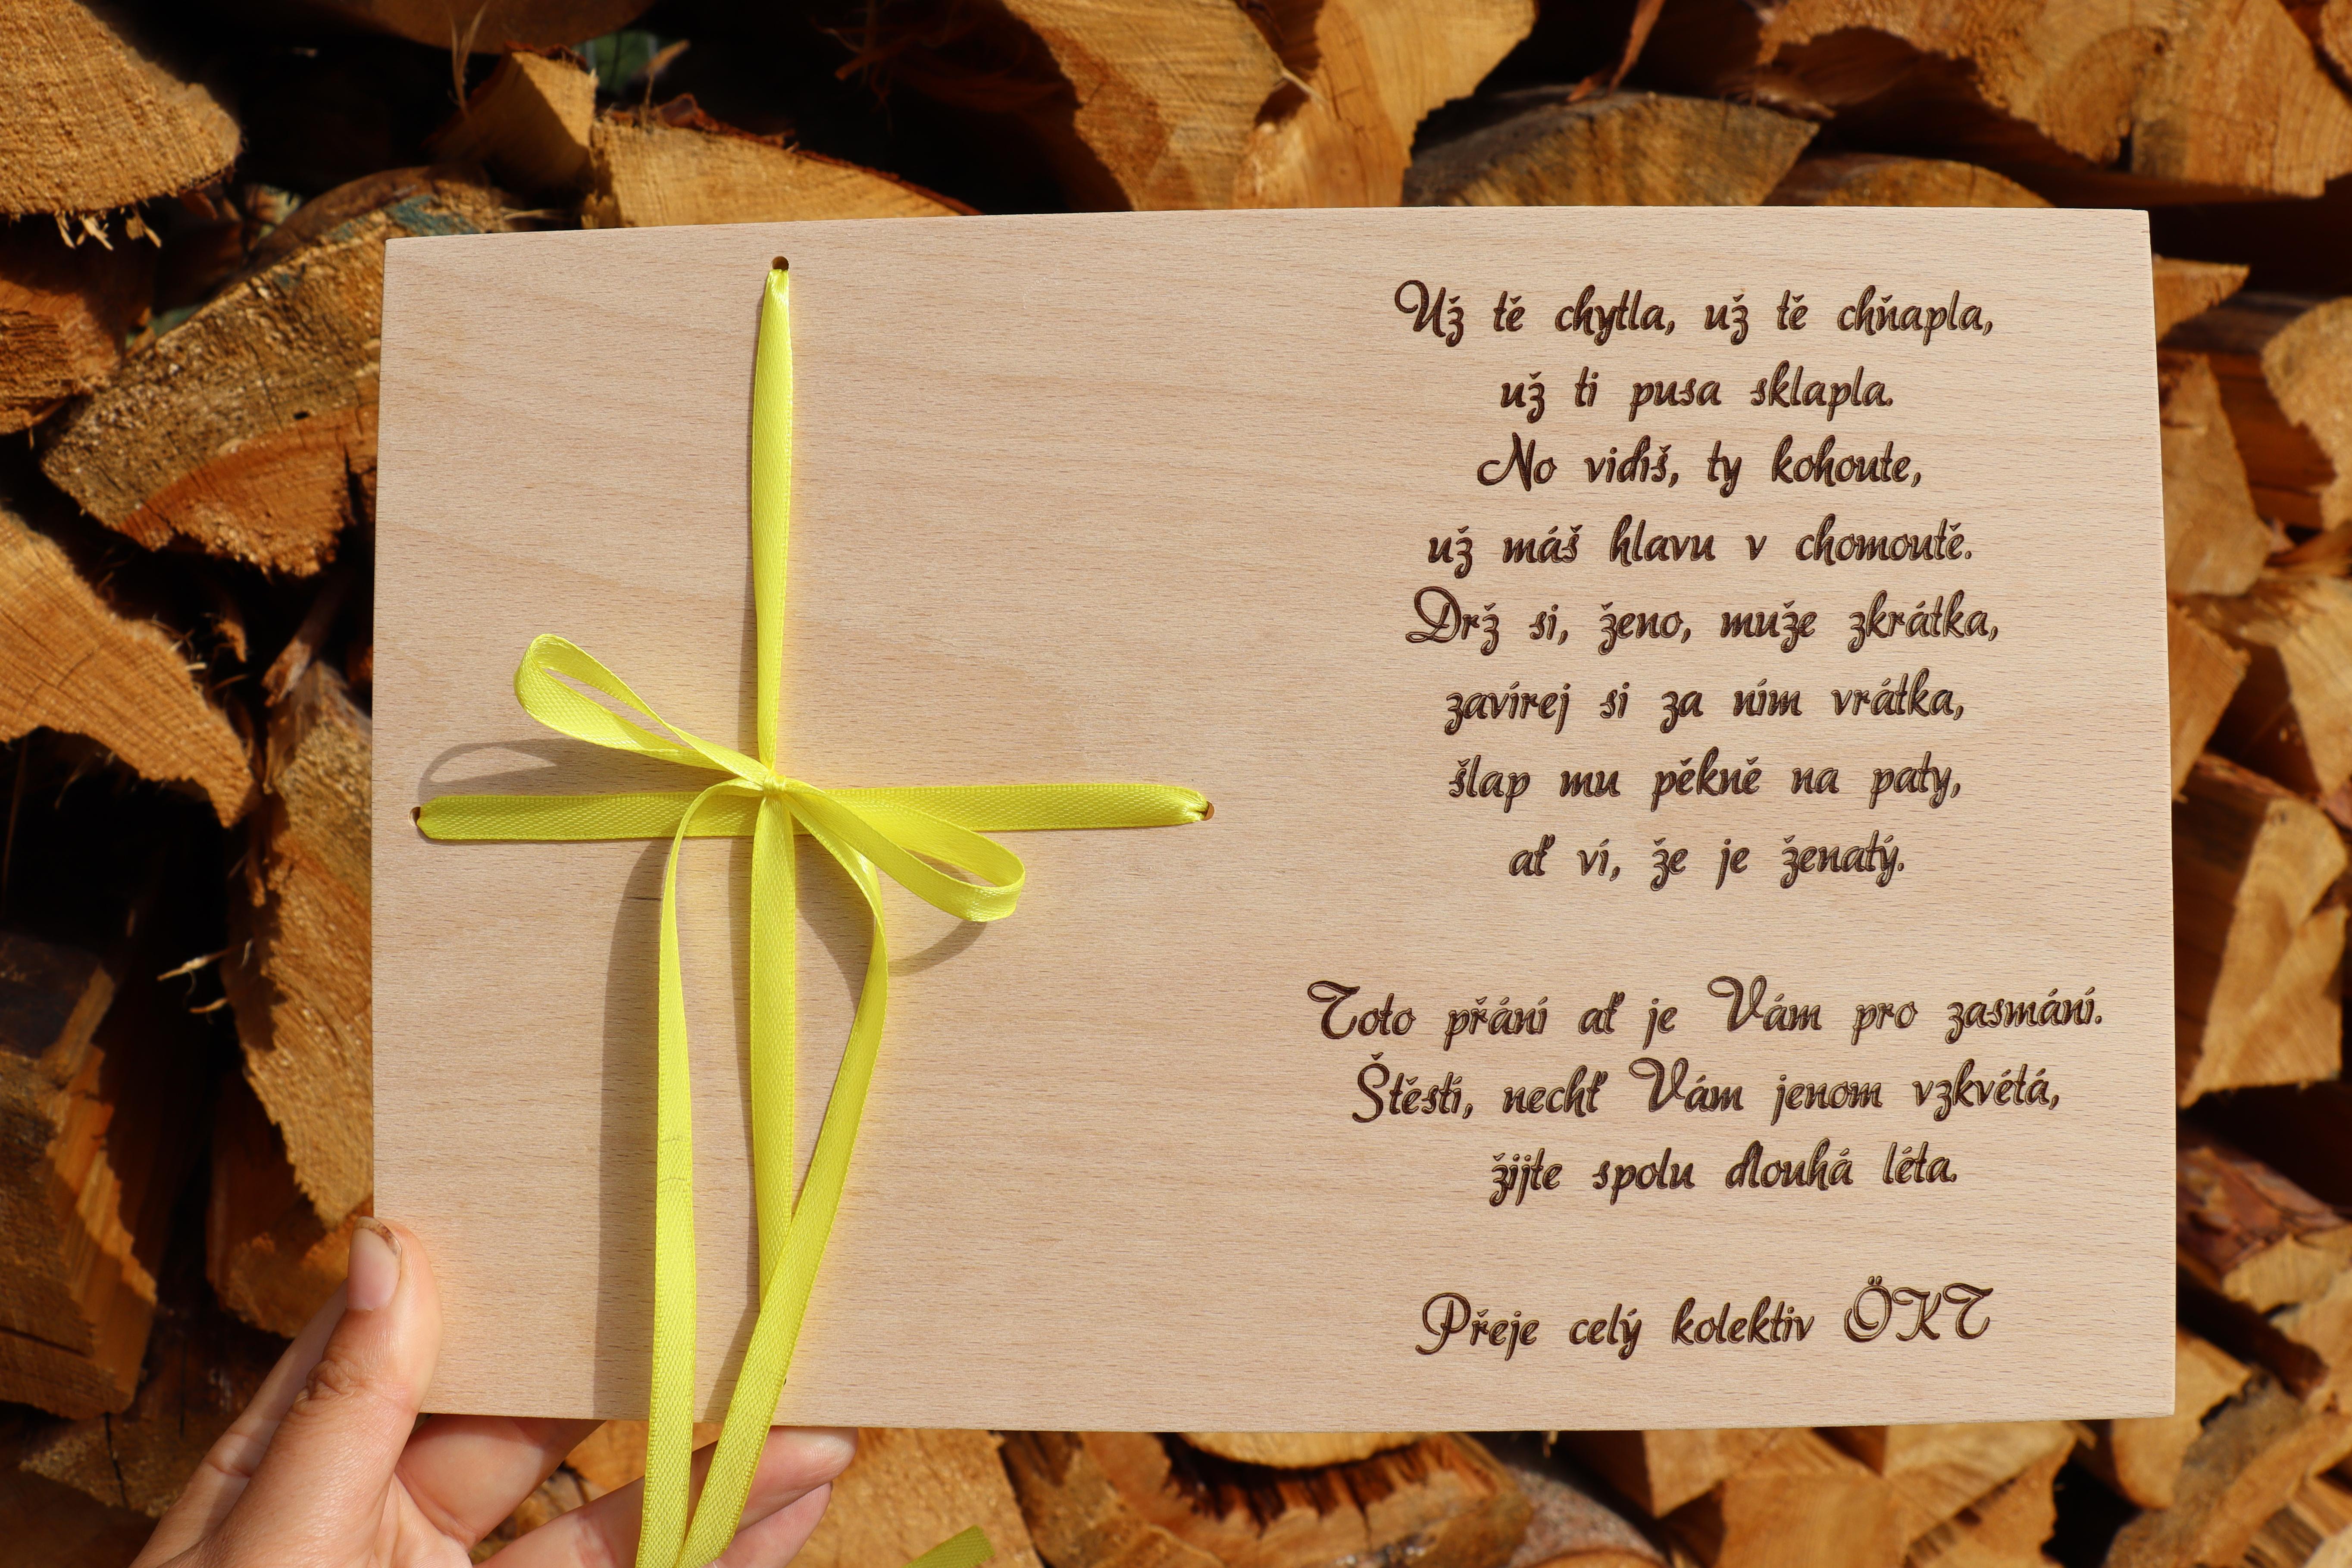 přání ke svatbě pro novomanžele